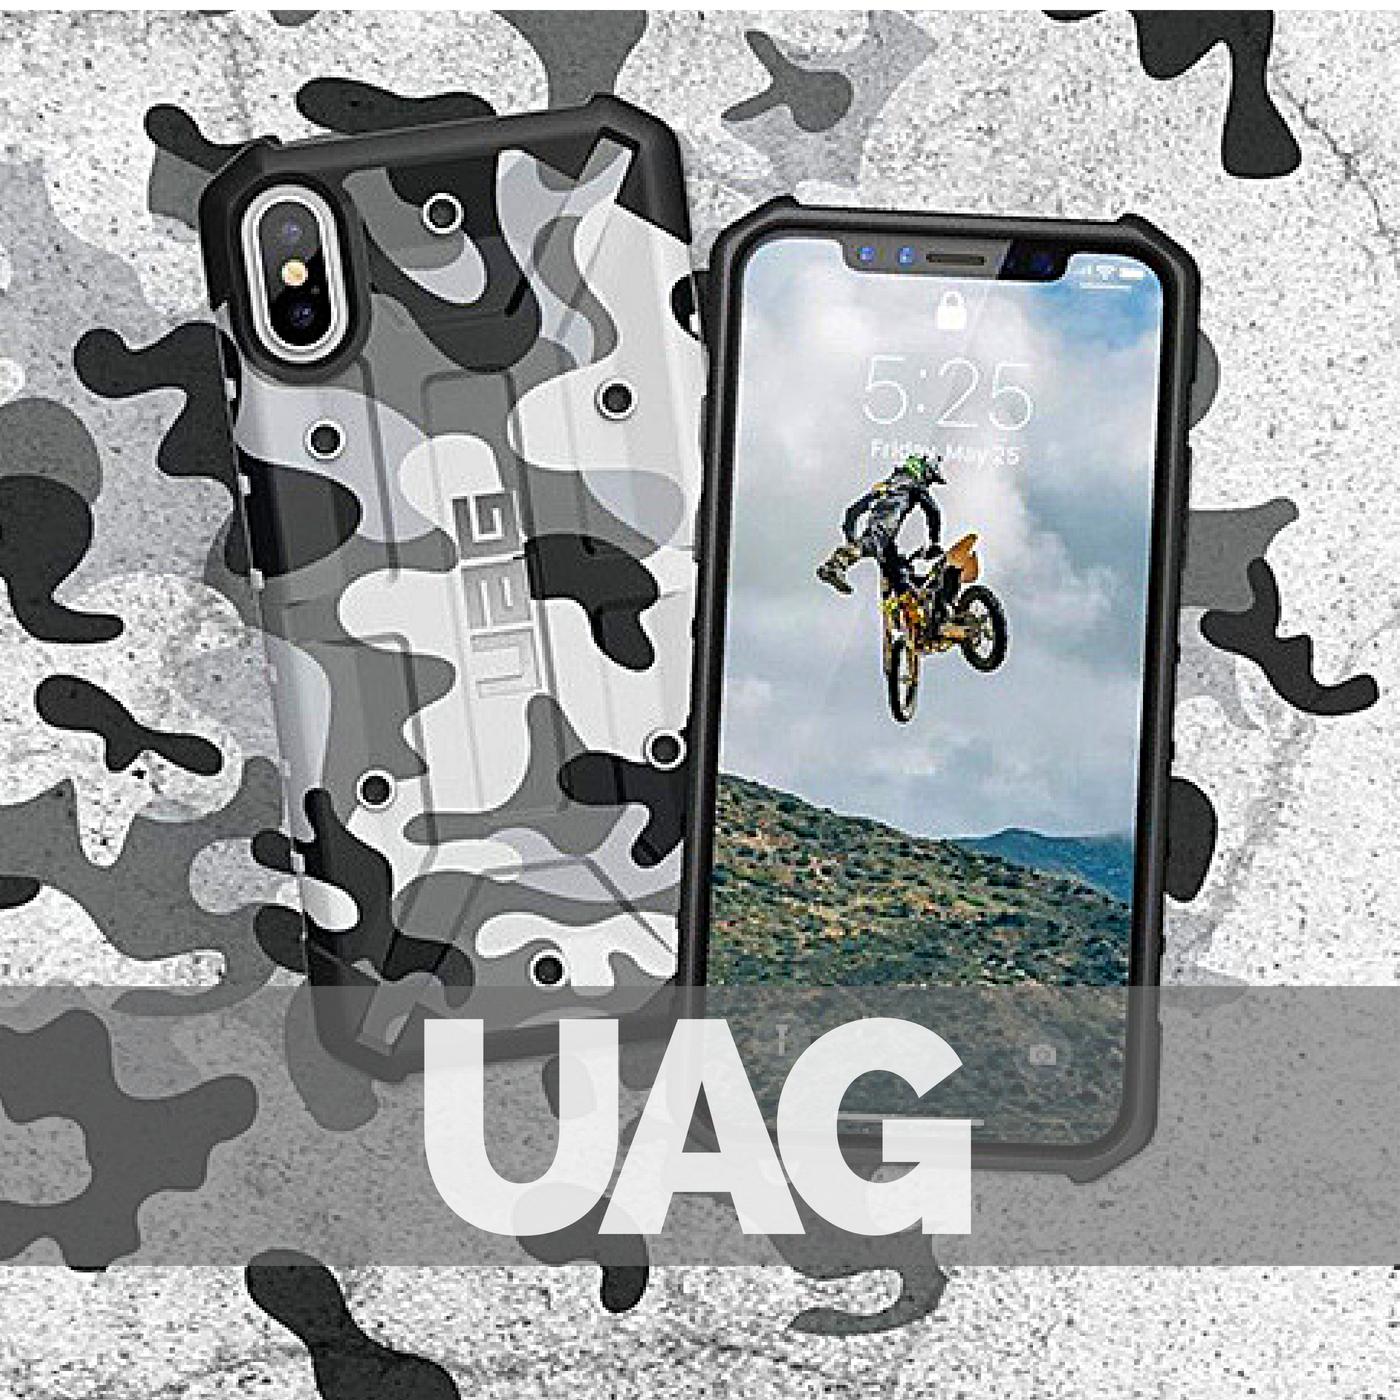 UAG 全系列|美國軍規防摔認證・好安心